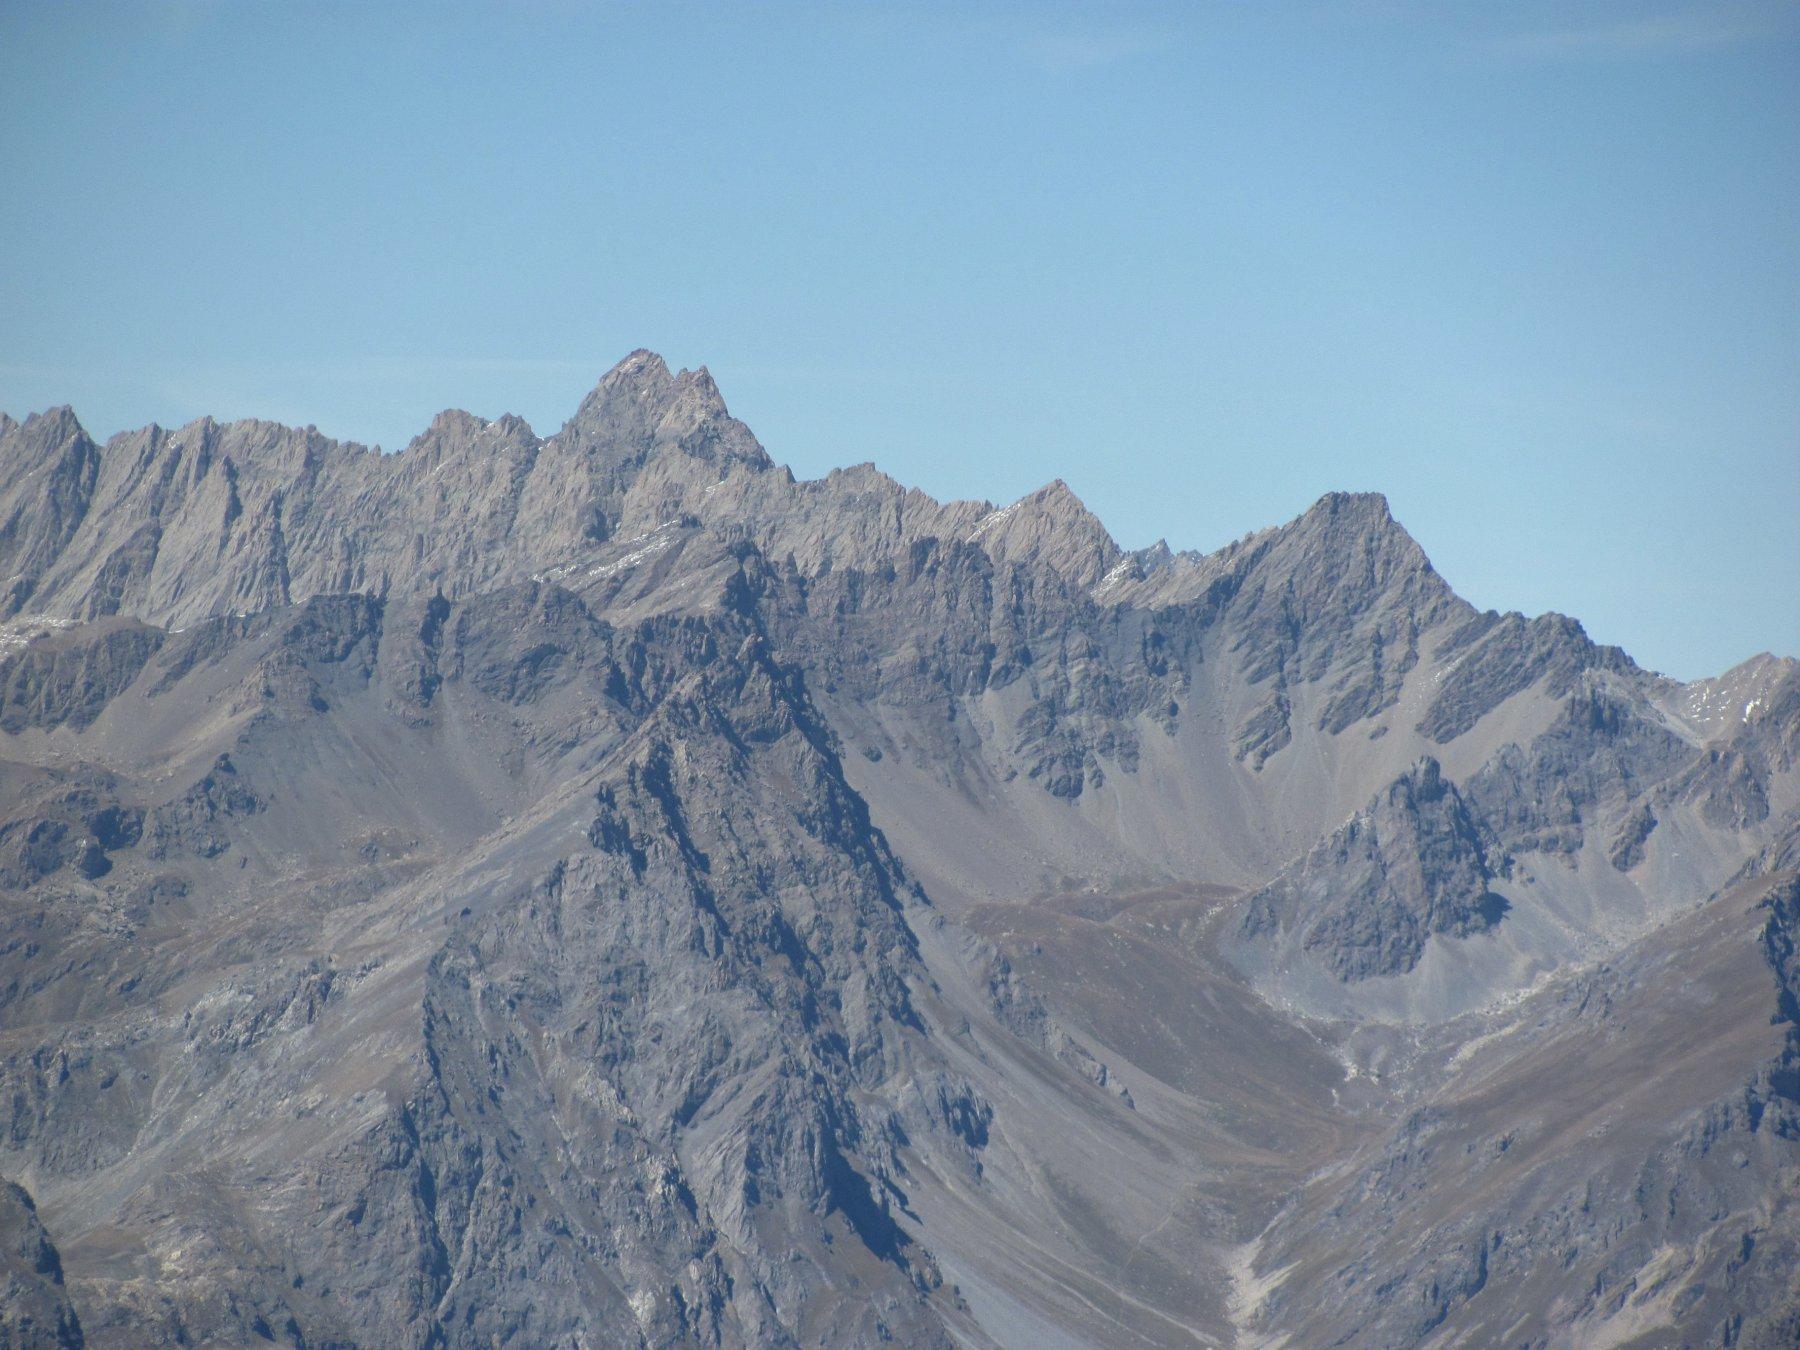 Dalla cima; zoom su l'Aiguille de Chambeyron e la Tete de l'Homme